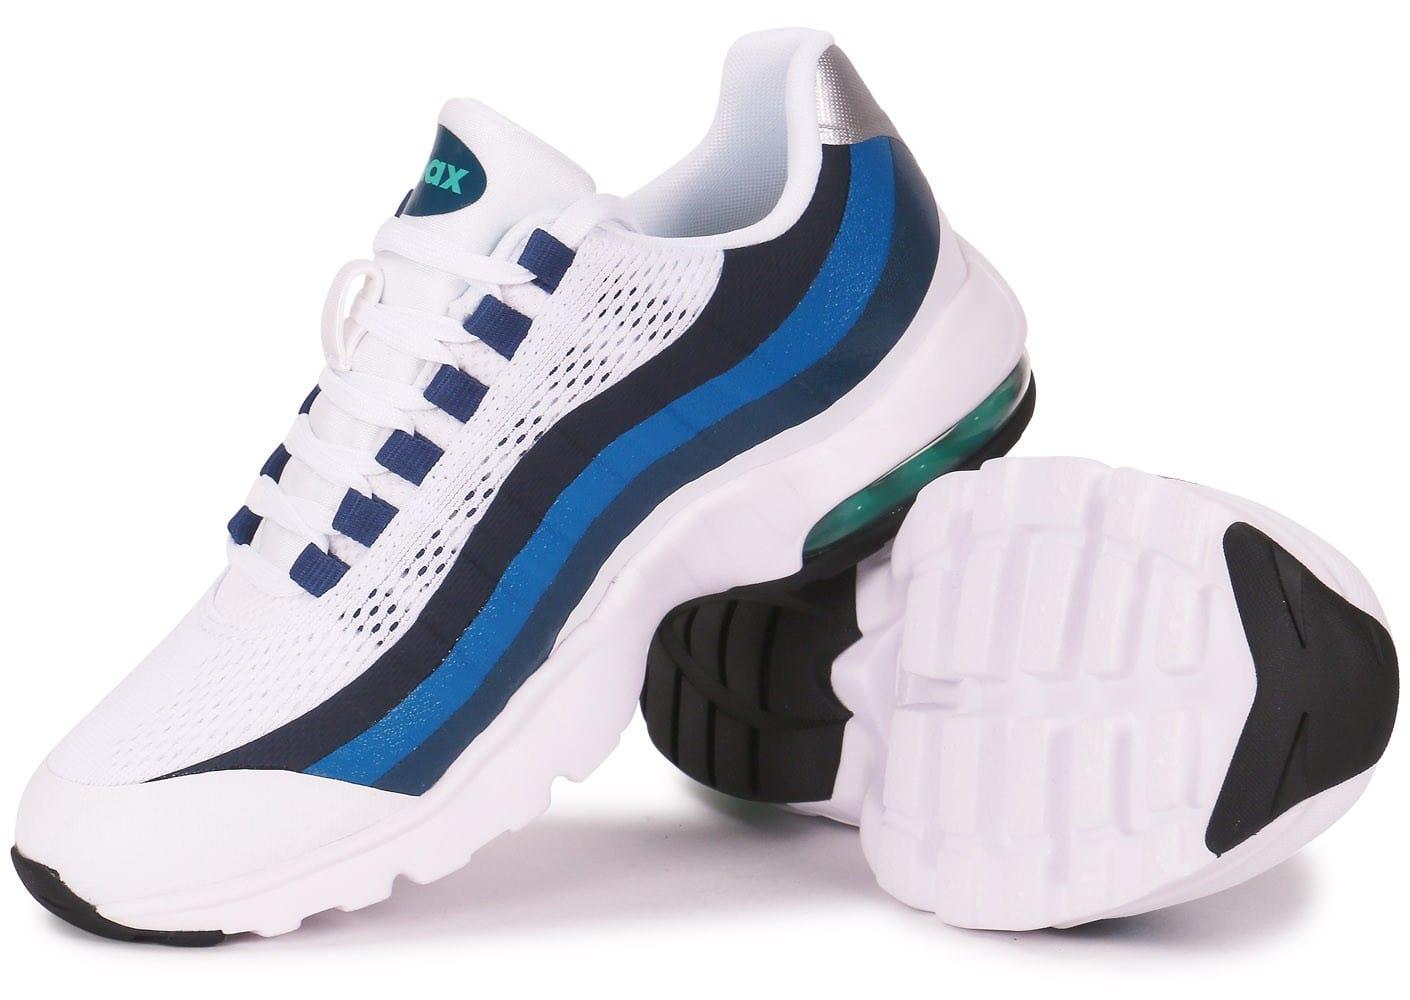 timeless design 02c69 1351f Cliquez pour zoomer Chaussures Nike Air Max 95 Ultra Blanche Et Bleue vue  extérieure .